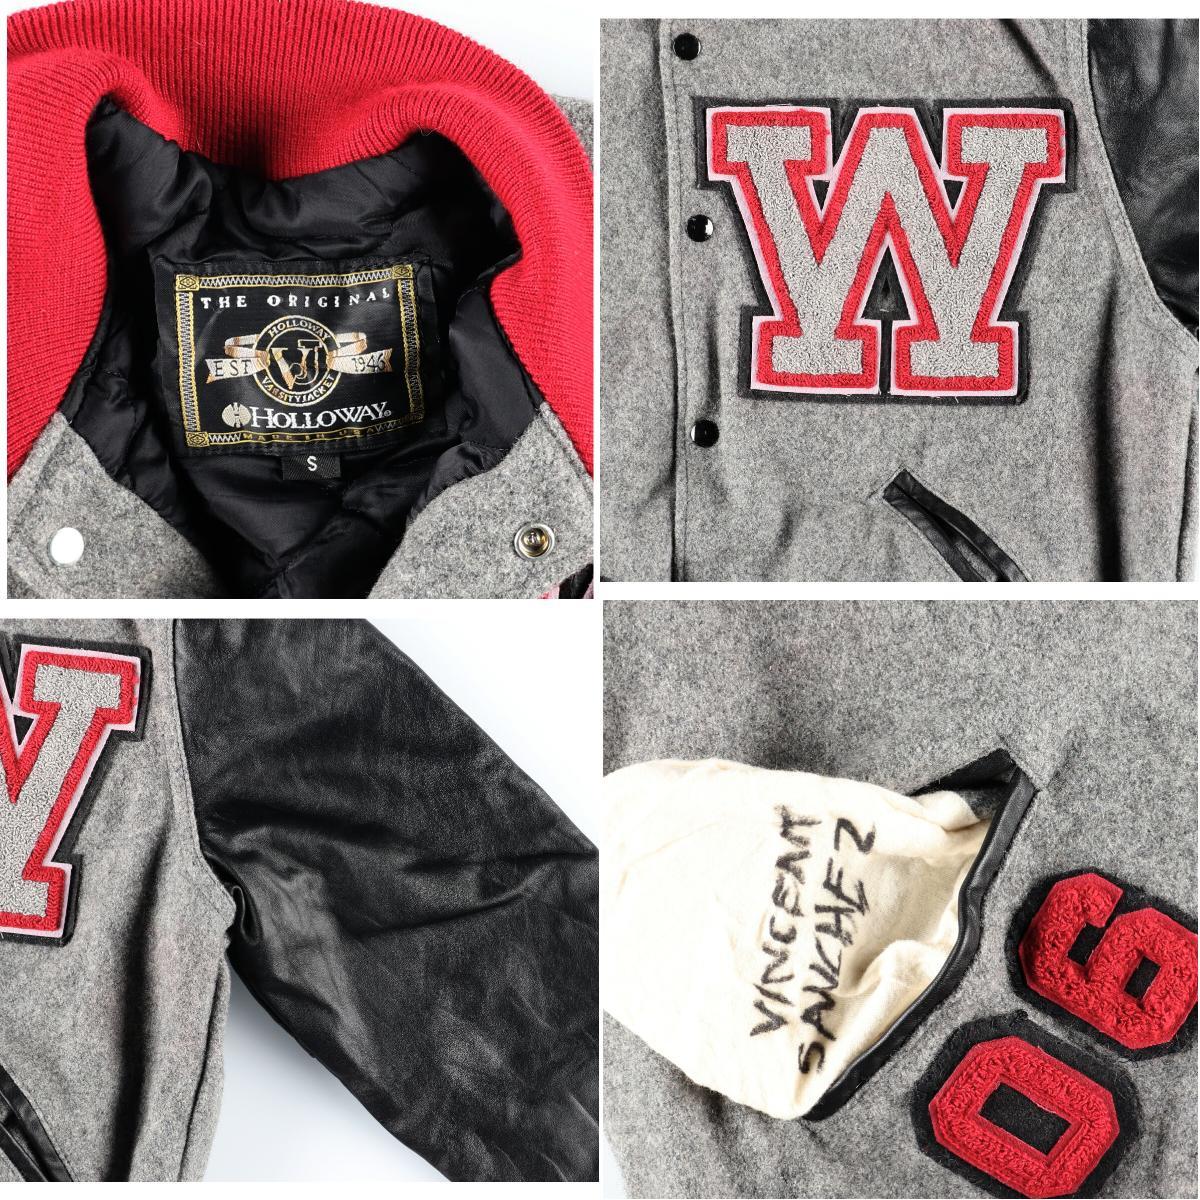 HOLLOWAY 袖革ウールスタジャン アワードジャケット USA製 メンズSwbi8553191212PD202 2CS2003SS2006DeW2IYEbH9